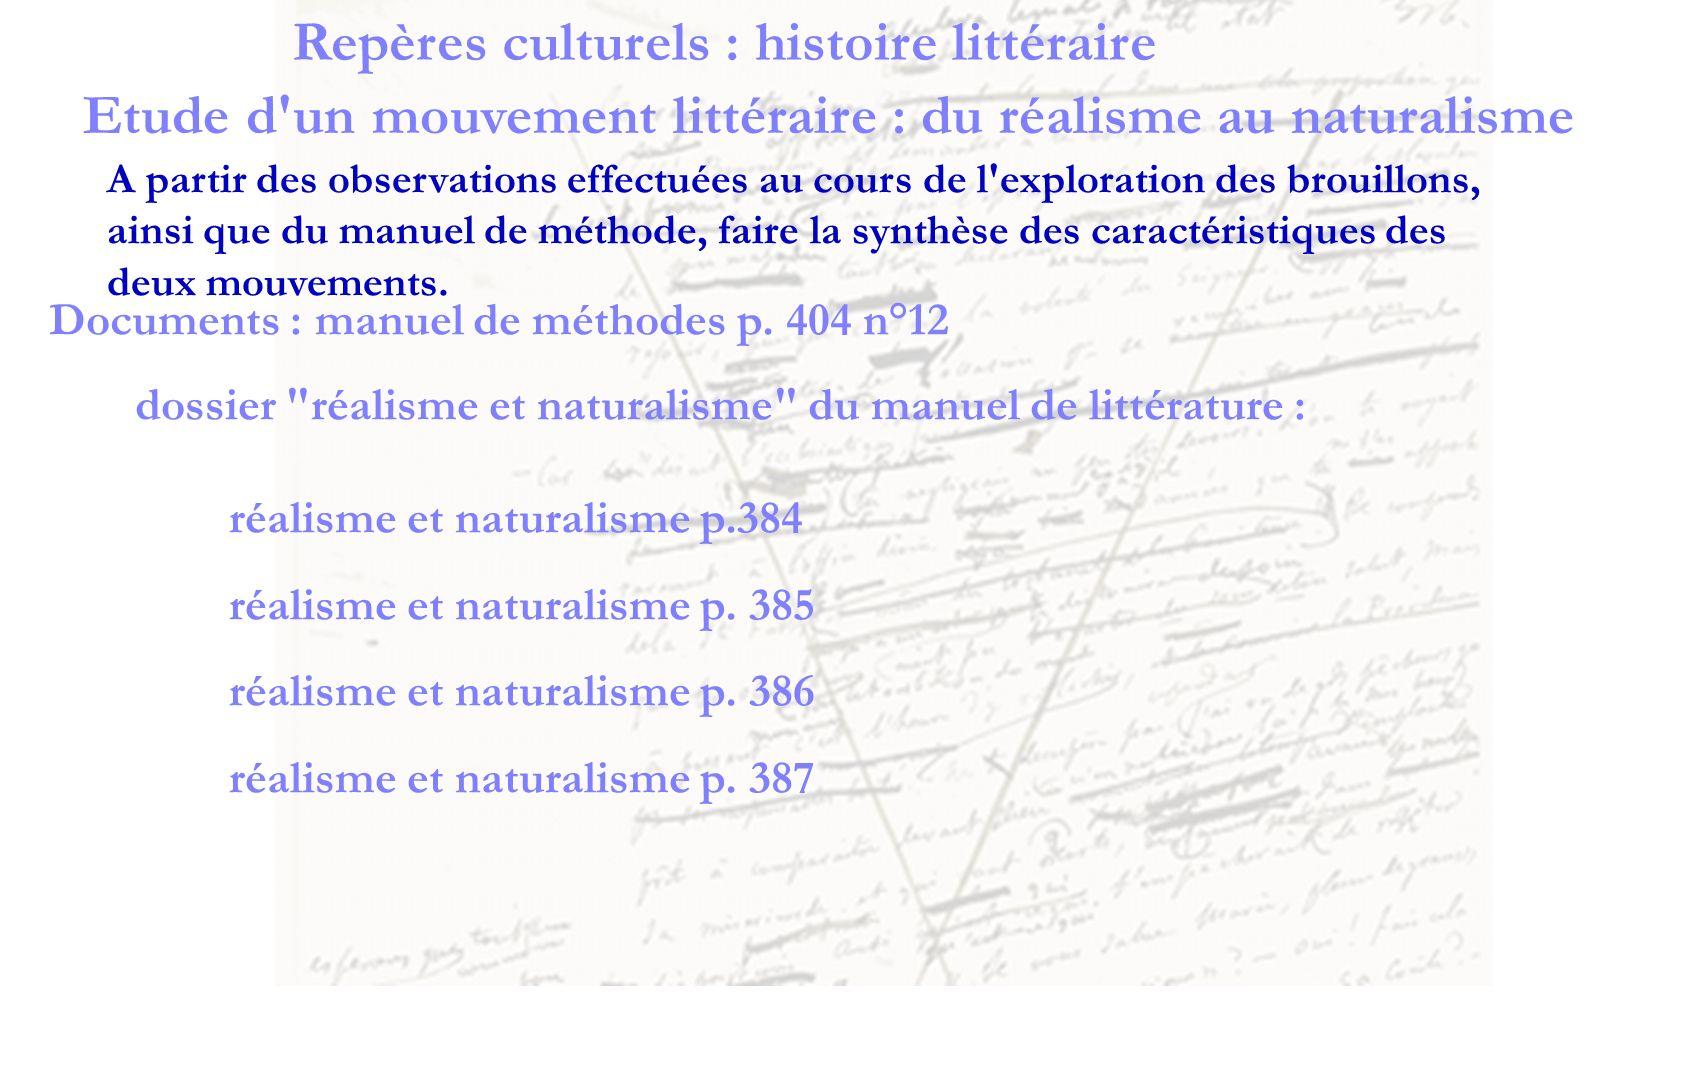 Etude d'un mouvement littéraire : du réalisme au naturalisme A partir des observations effectuées au cours de l'exploration des brouillons, ainsi que